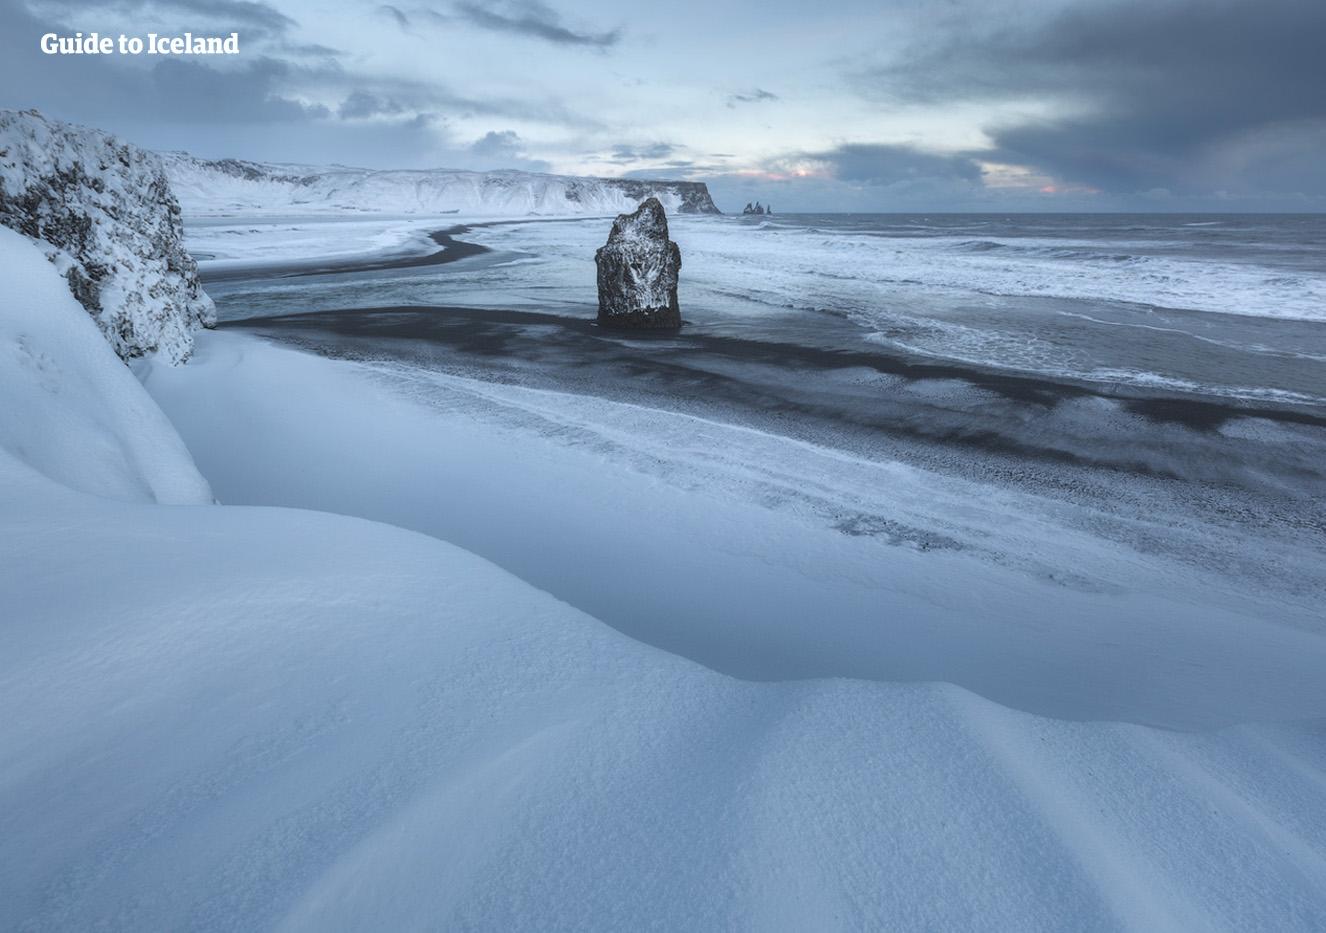 9-дневный зимний автотур | Полуостров Снайфелльснес, Южное побережье, ледниковая пещера - day 4